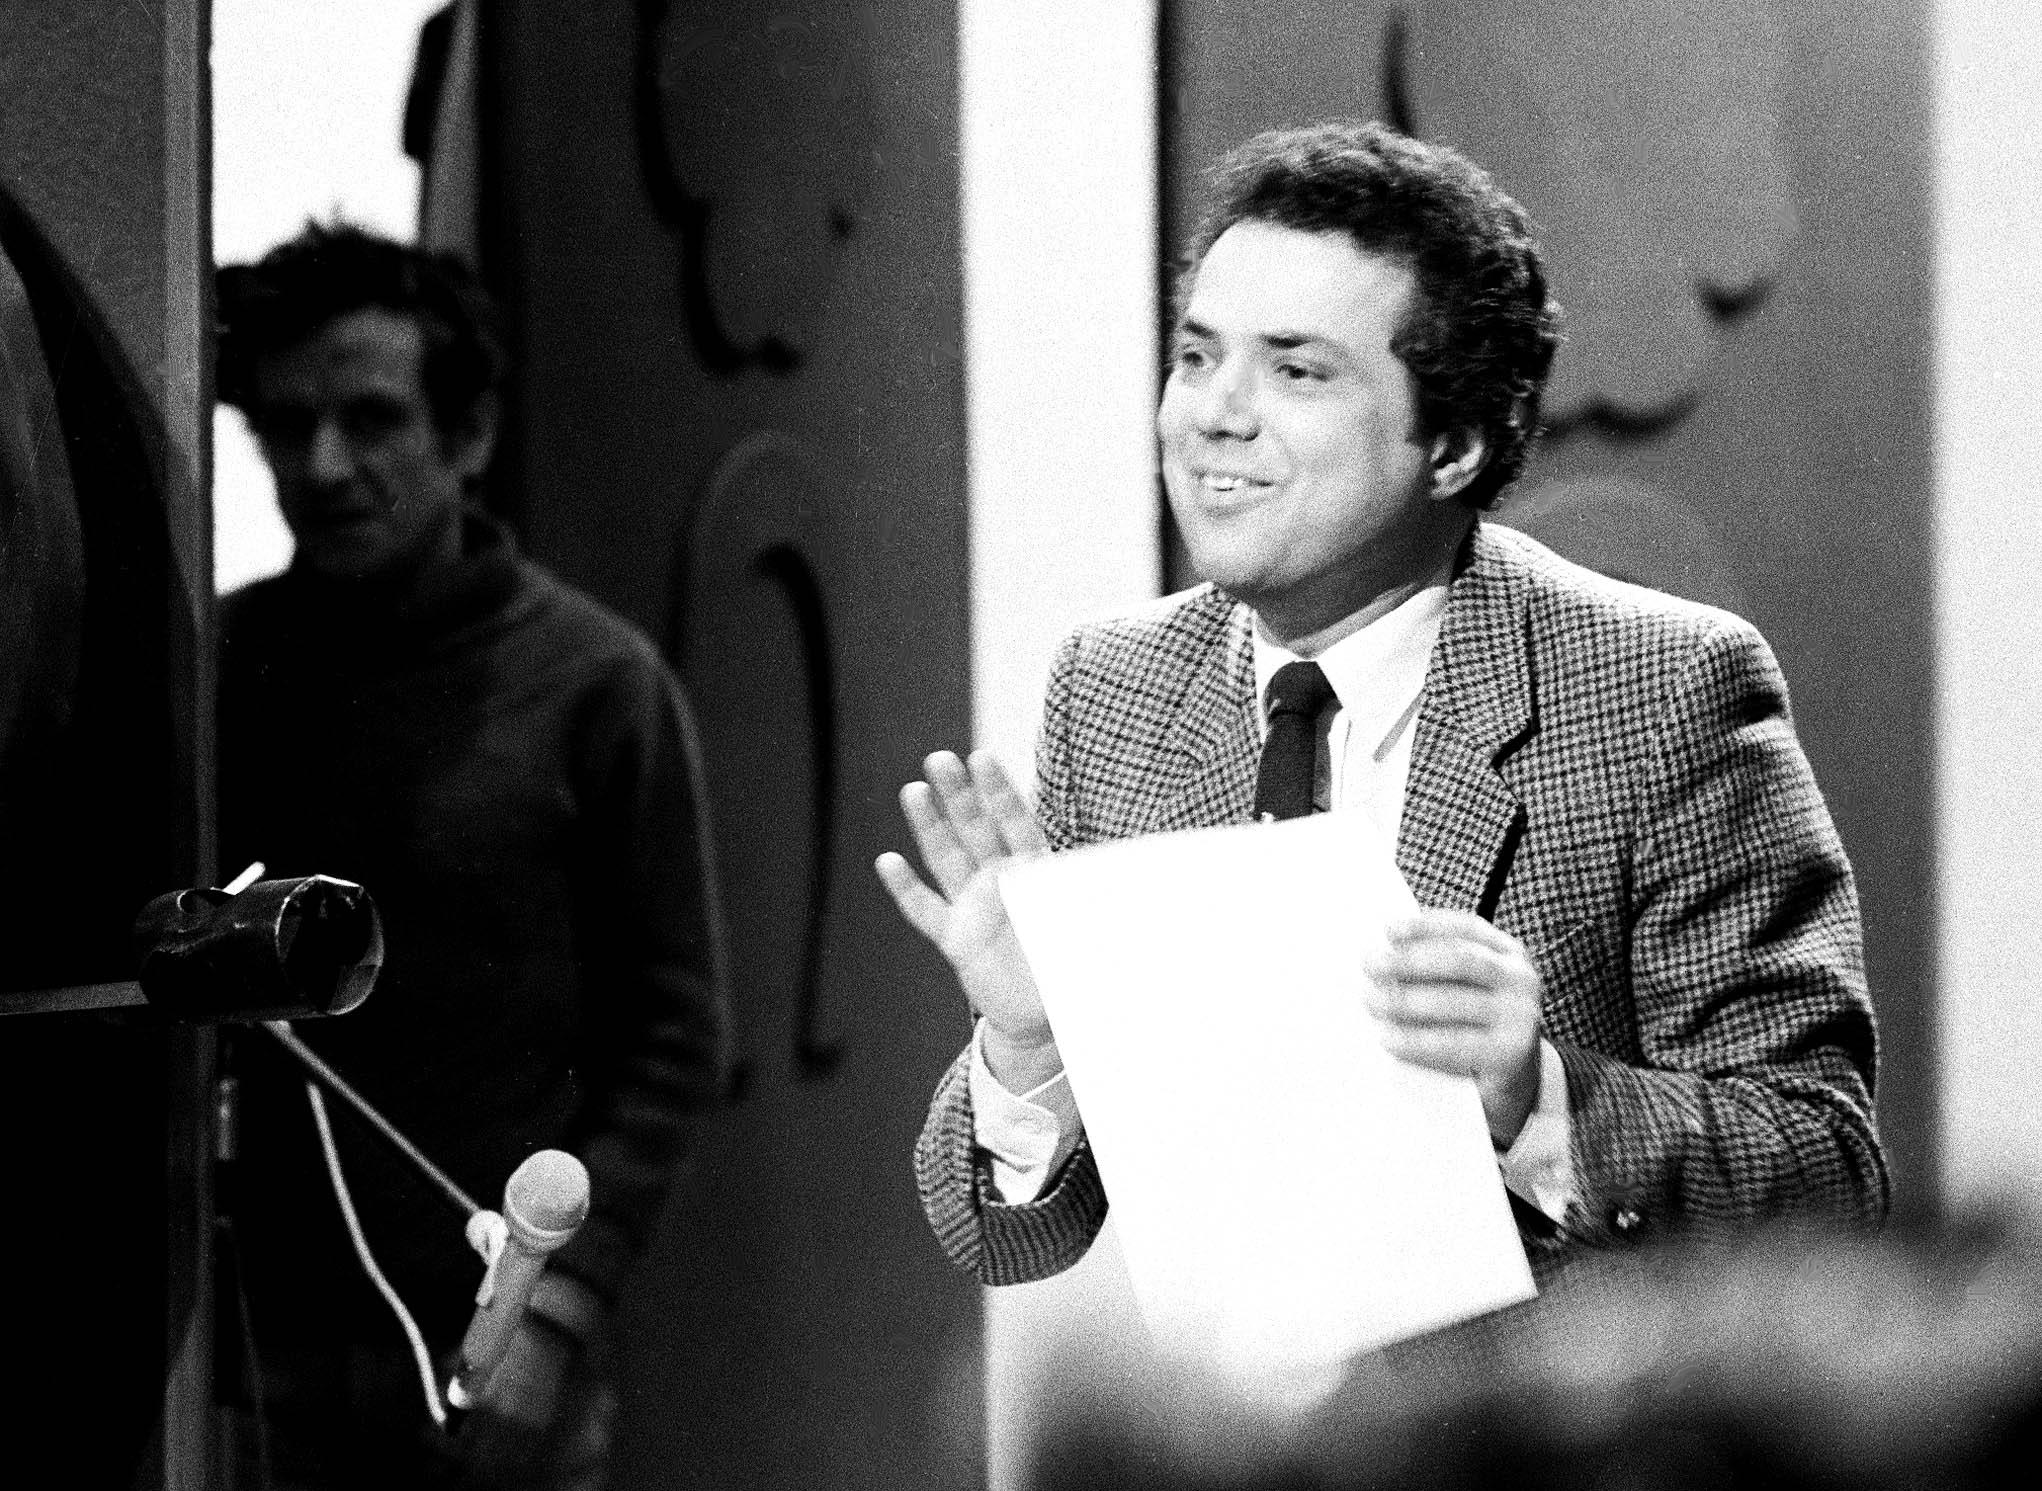 Budapest, 1986. február 4. Rózsa György újságíró, tv-mûsorvezetõ-szerkesztõ, producer, 1947. október 7-én született Budapesten. A képen: Rózsa György a Legyen szerencsénk címû televíziós sorozatmûsor mûsorvezetõ-szerkesztõje. MTI Fotó: Hámor Szabolcs